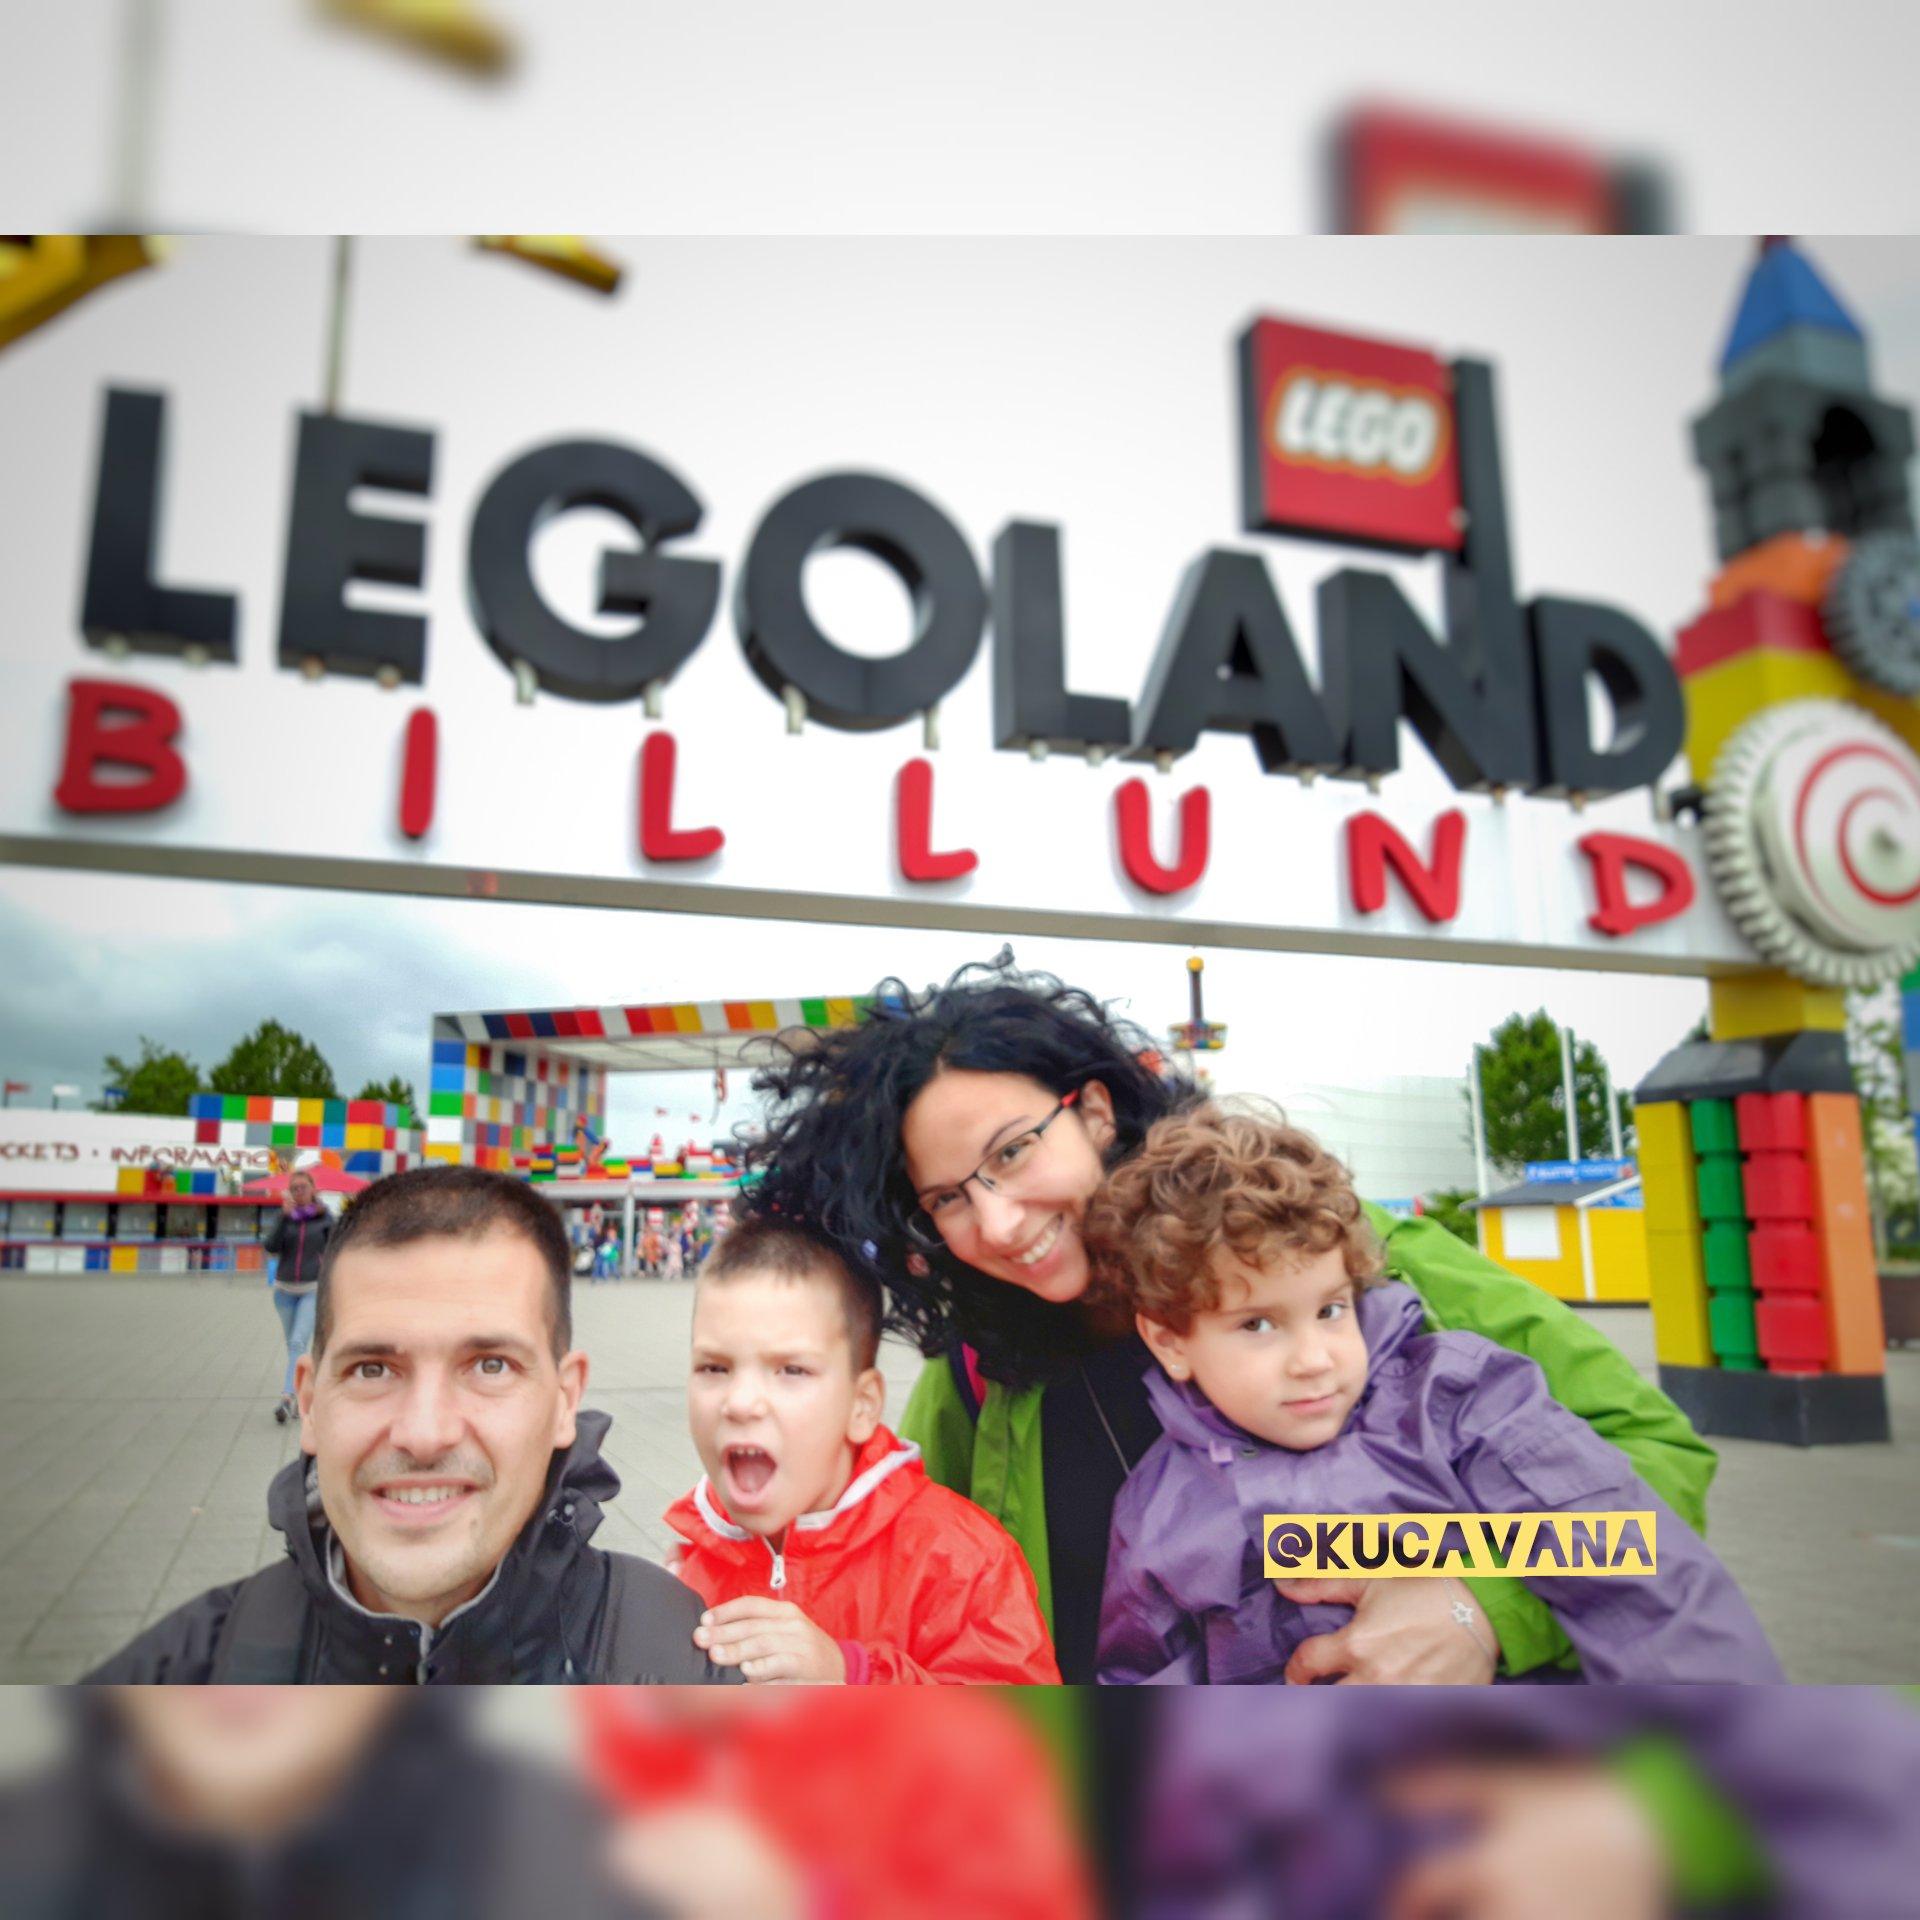 Legoland (Billund): 5 coses a saber abans d'anar